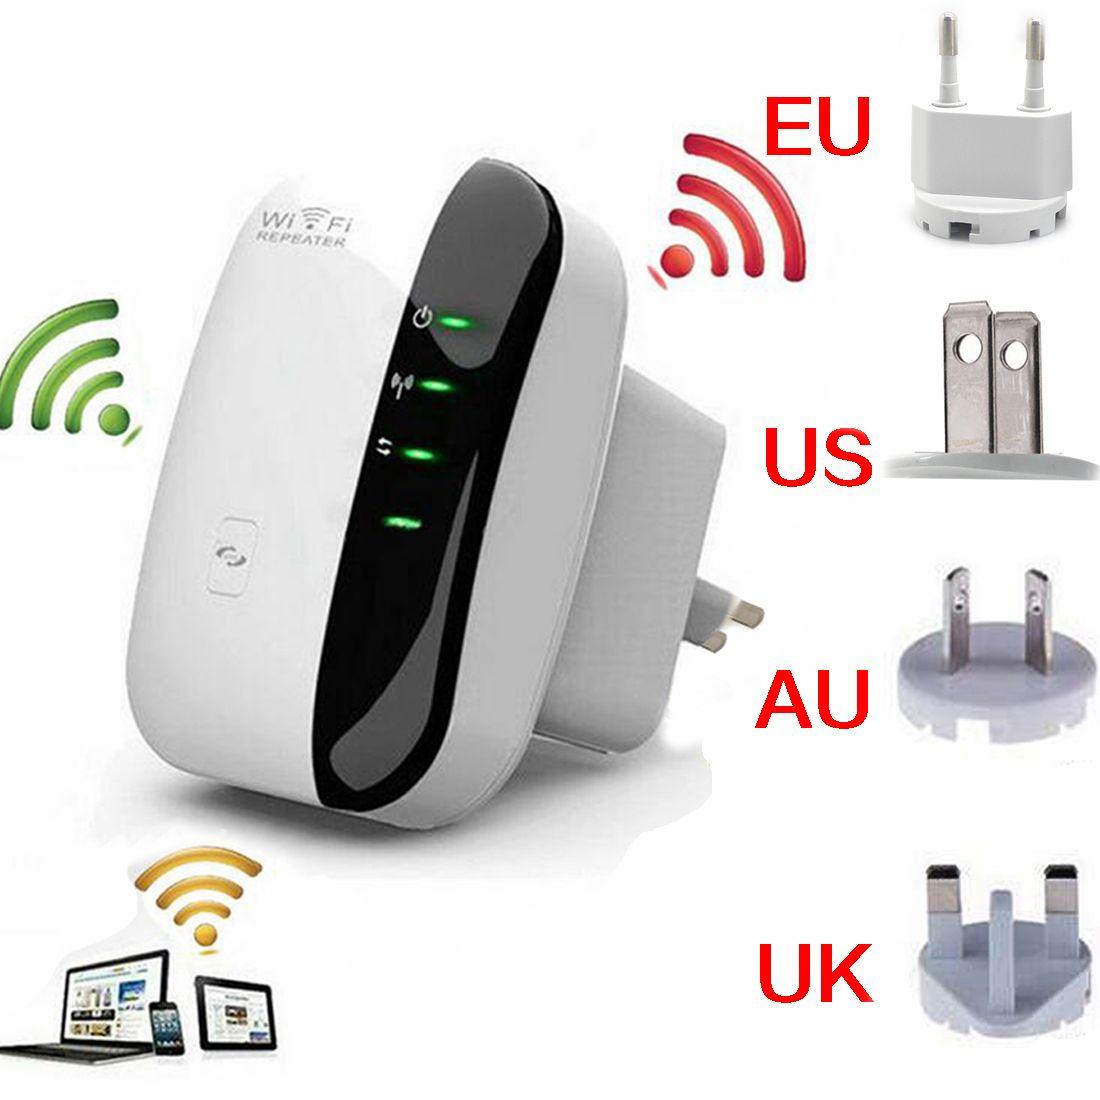 NOYOKERE Sans Fil-N Wifi Répéteur 802.11n/b/g Réseau Wi Fi Routeurs 300 Mbps Expander Signal booster Extender WIFI